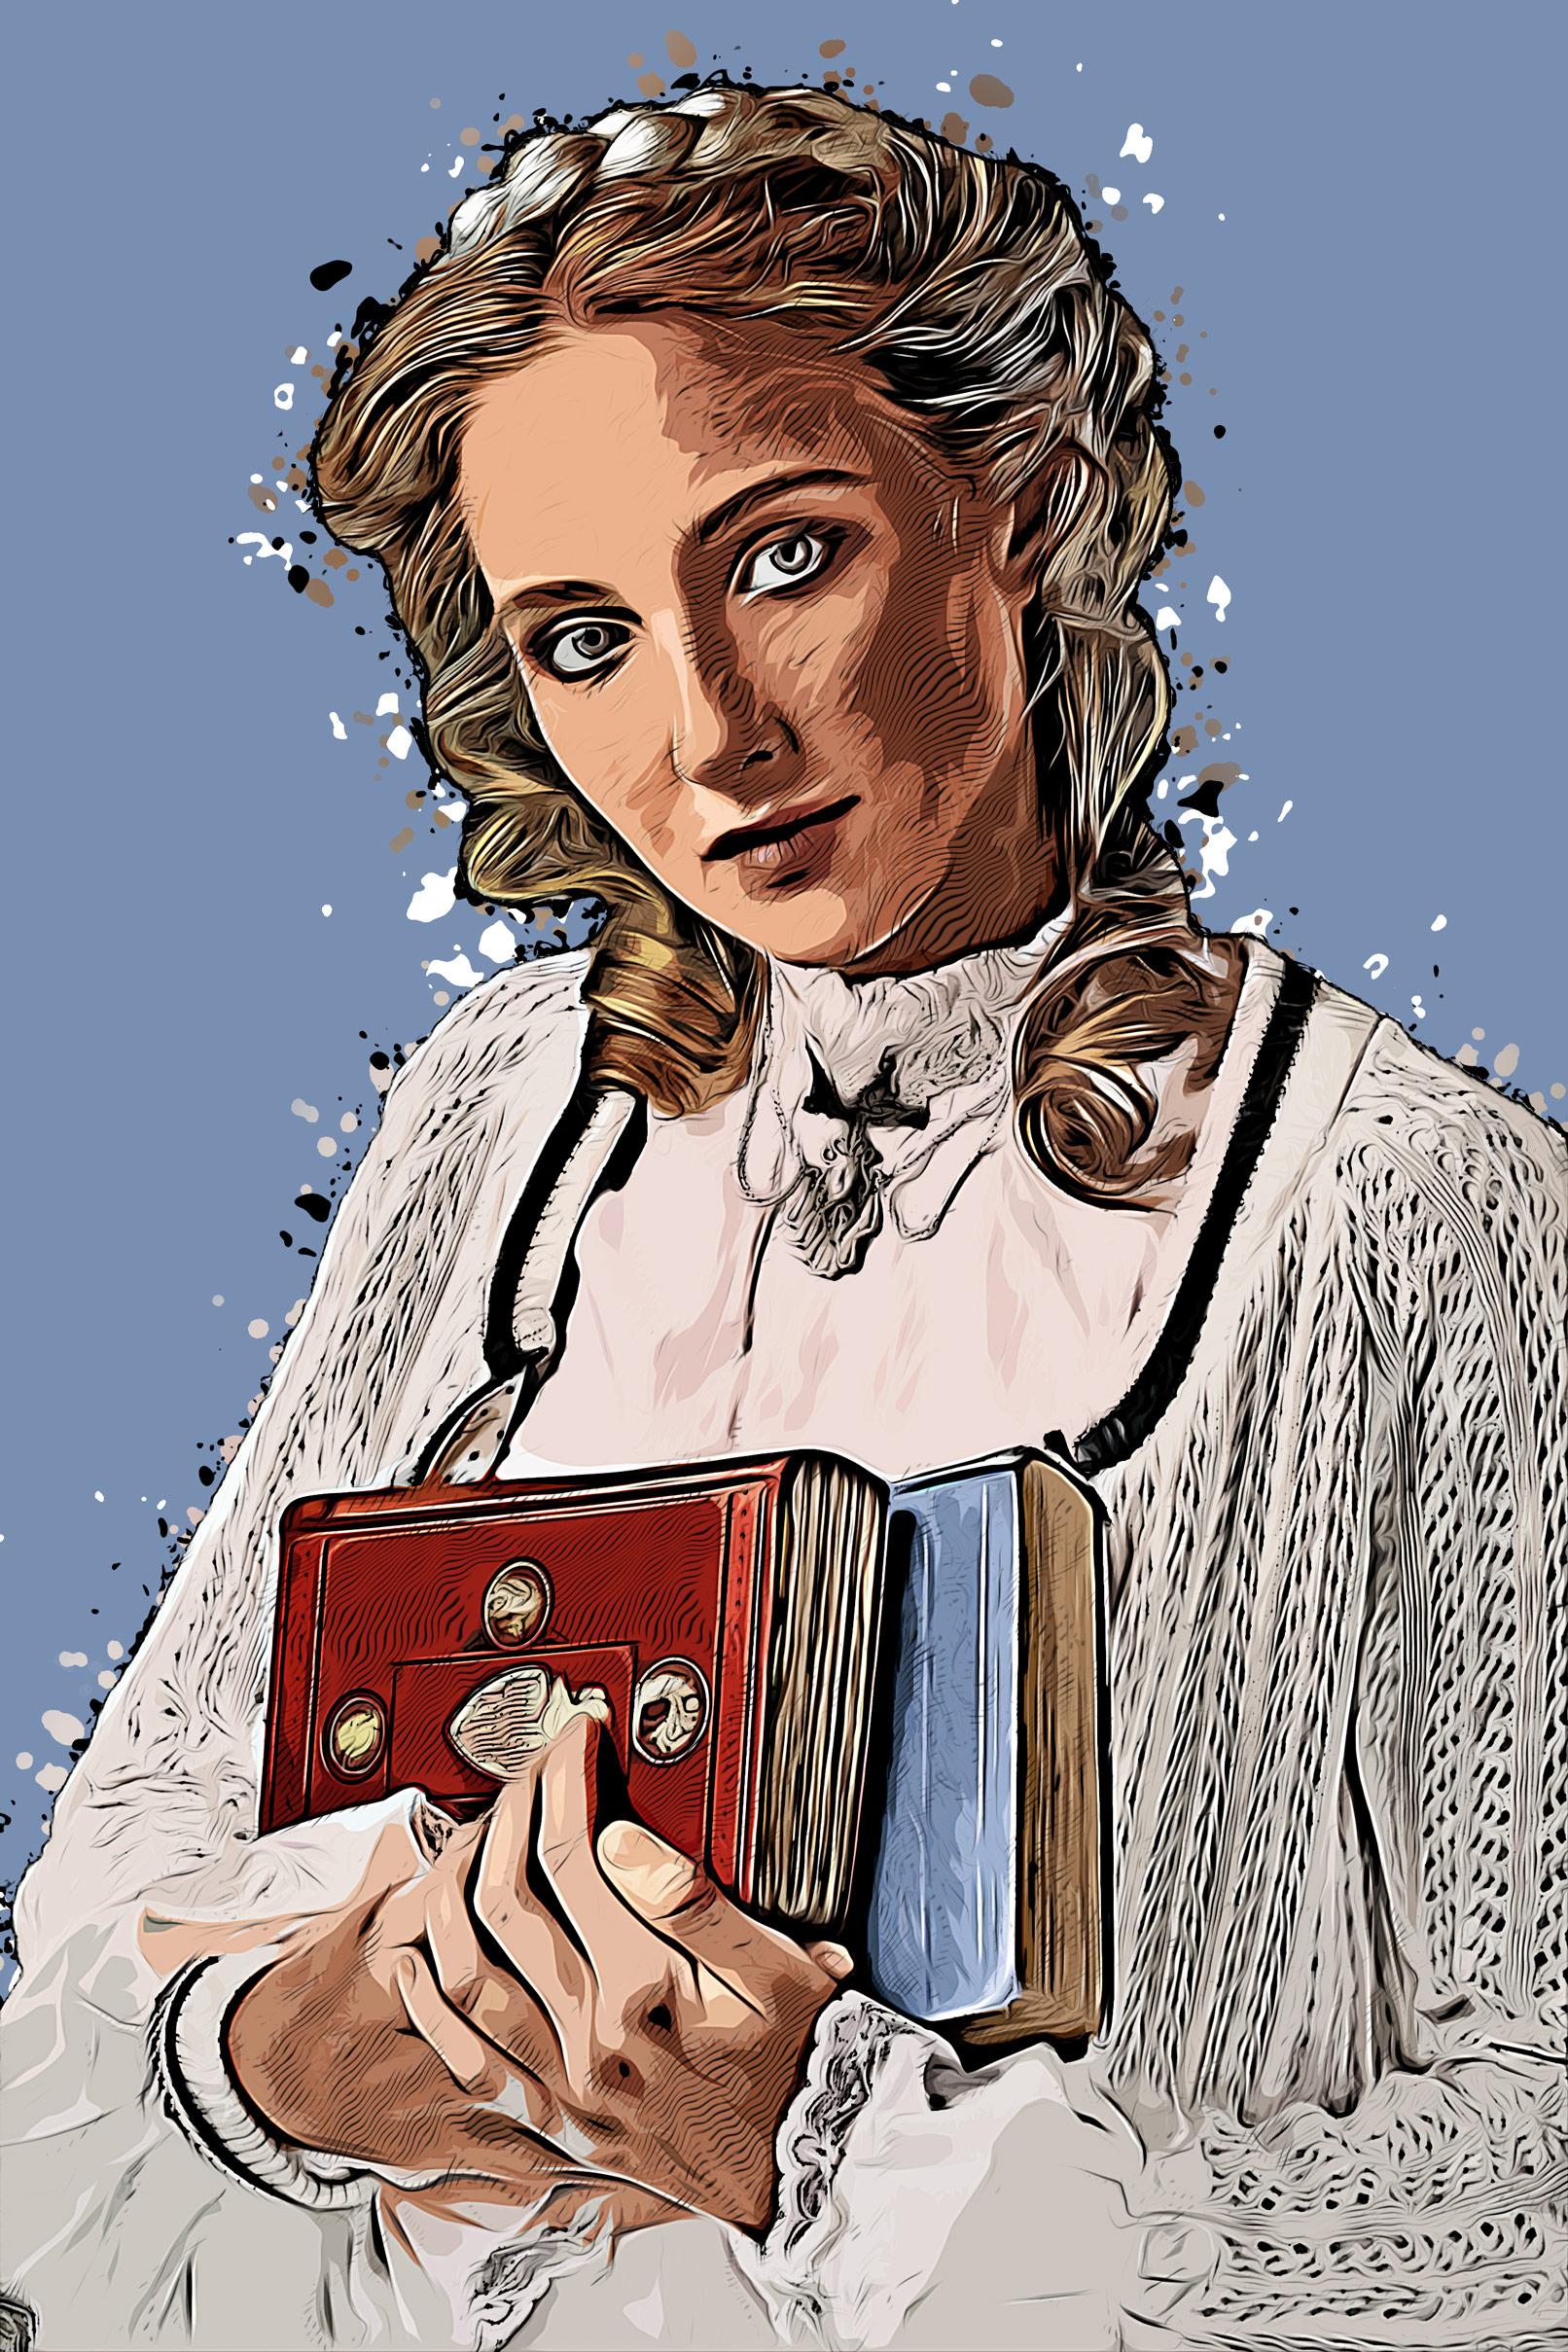 Frau im Cartoon-Ölfarben-Look, erstellt mit Photoshop-Aktion